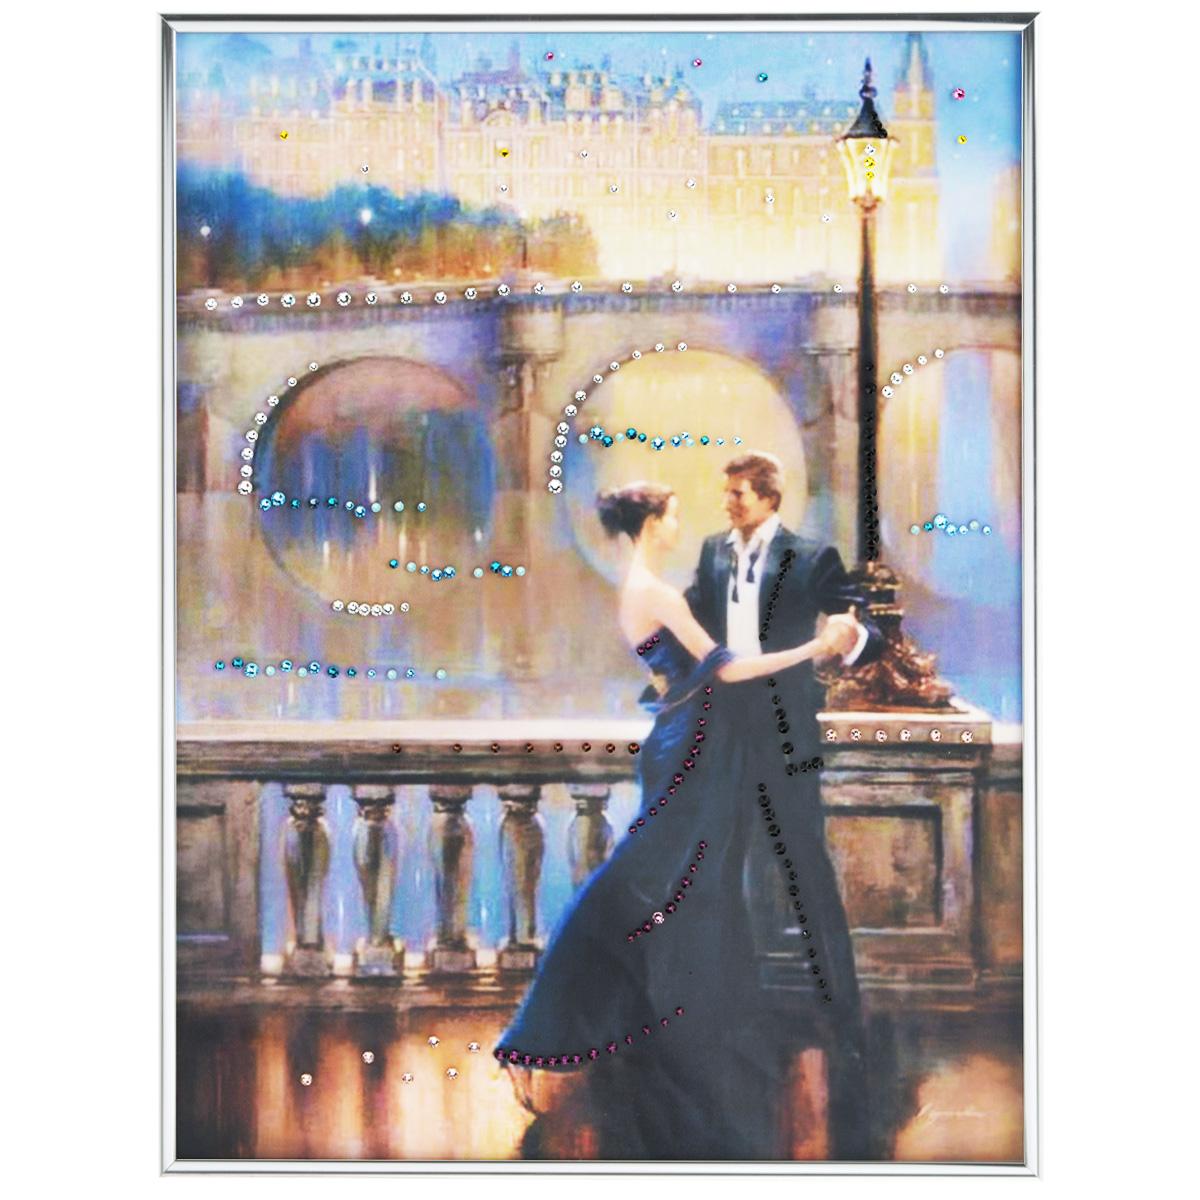 Картина с кристаллами Swarovski Танец любви, 30 см х 40 см1321Изящная картина в багетной раме, инкрустирована кристаллами Swarovski, которые отличаются четкой и ровной огранкой, ярким блеском и чистотой цвета. Красочное изображение овечки, расположенное под стеклом, прекрасно дополняет блеск кристаллов. С обратной стороны имеется металлическая петелька для размещения картины на стене. Картина с кристаллами Swarovski Танец любви элегантно украсит интерьер дома или офиса, а также станет прекрасным подарком, который обязательно понравится получателю. Блеск кристаллов в интерьере, что может быть сказочнее и удивительнее. Картина упакована в подарочную картонную коробку синего цвета и комплектуется сертификатом соответствия Swarovski.